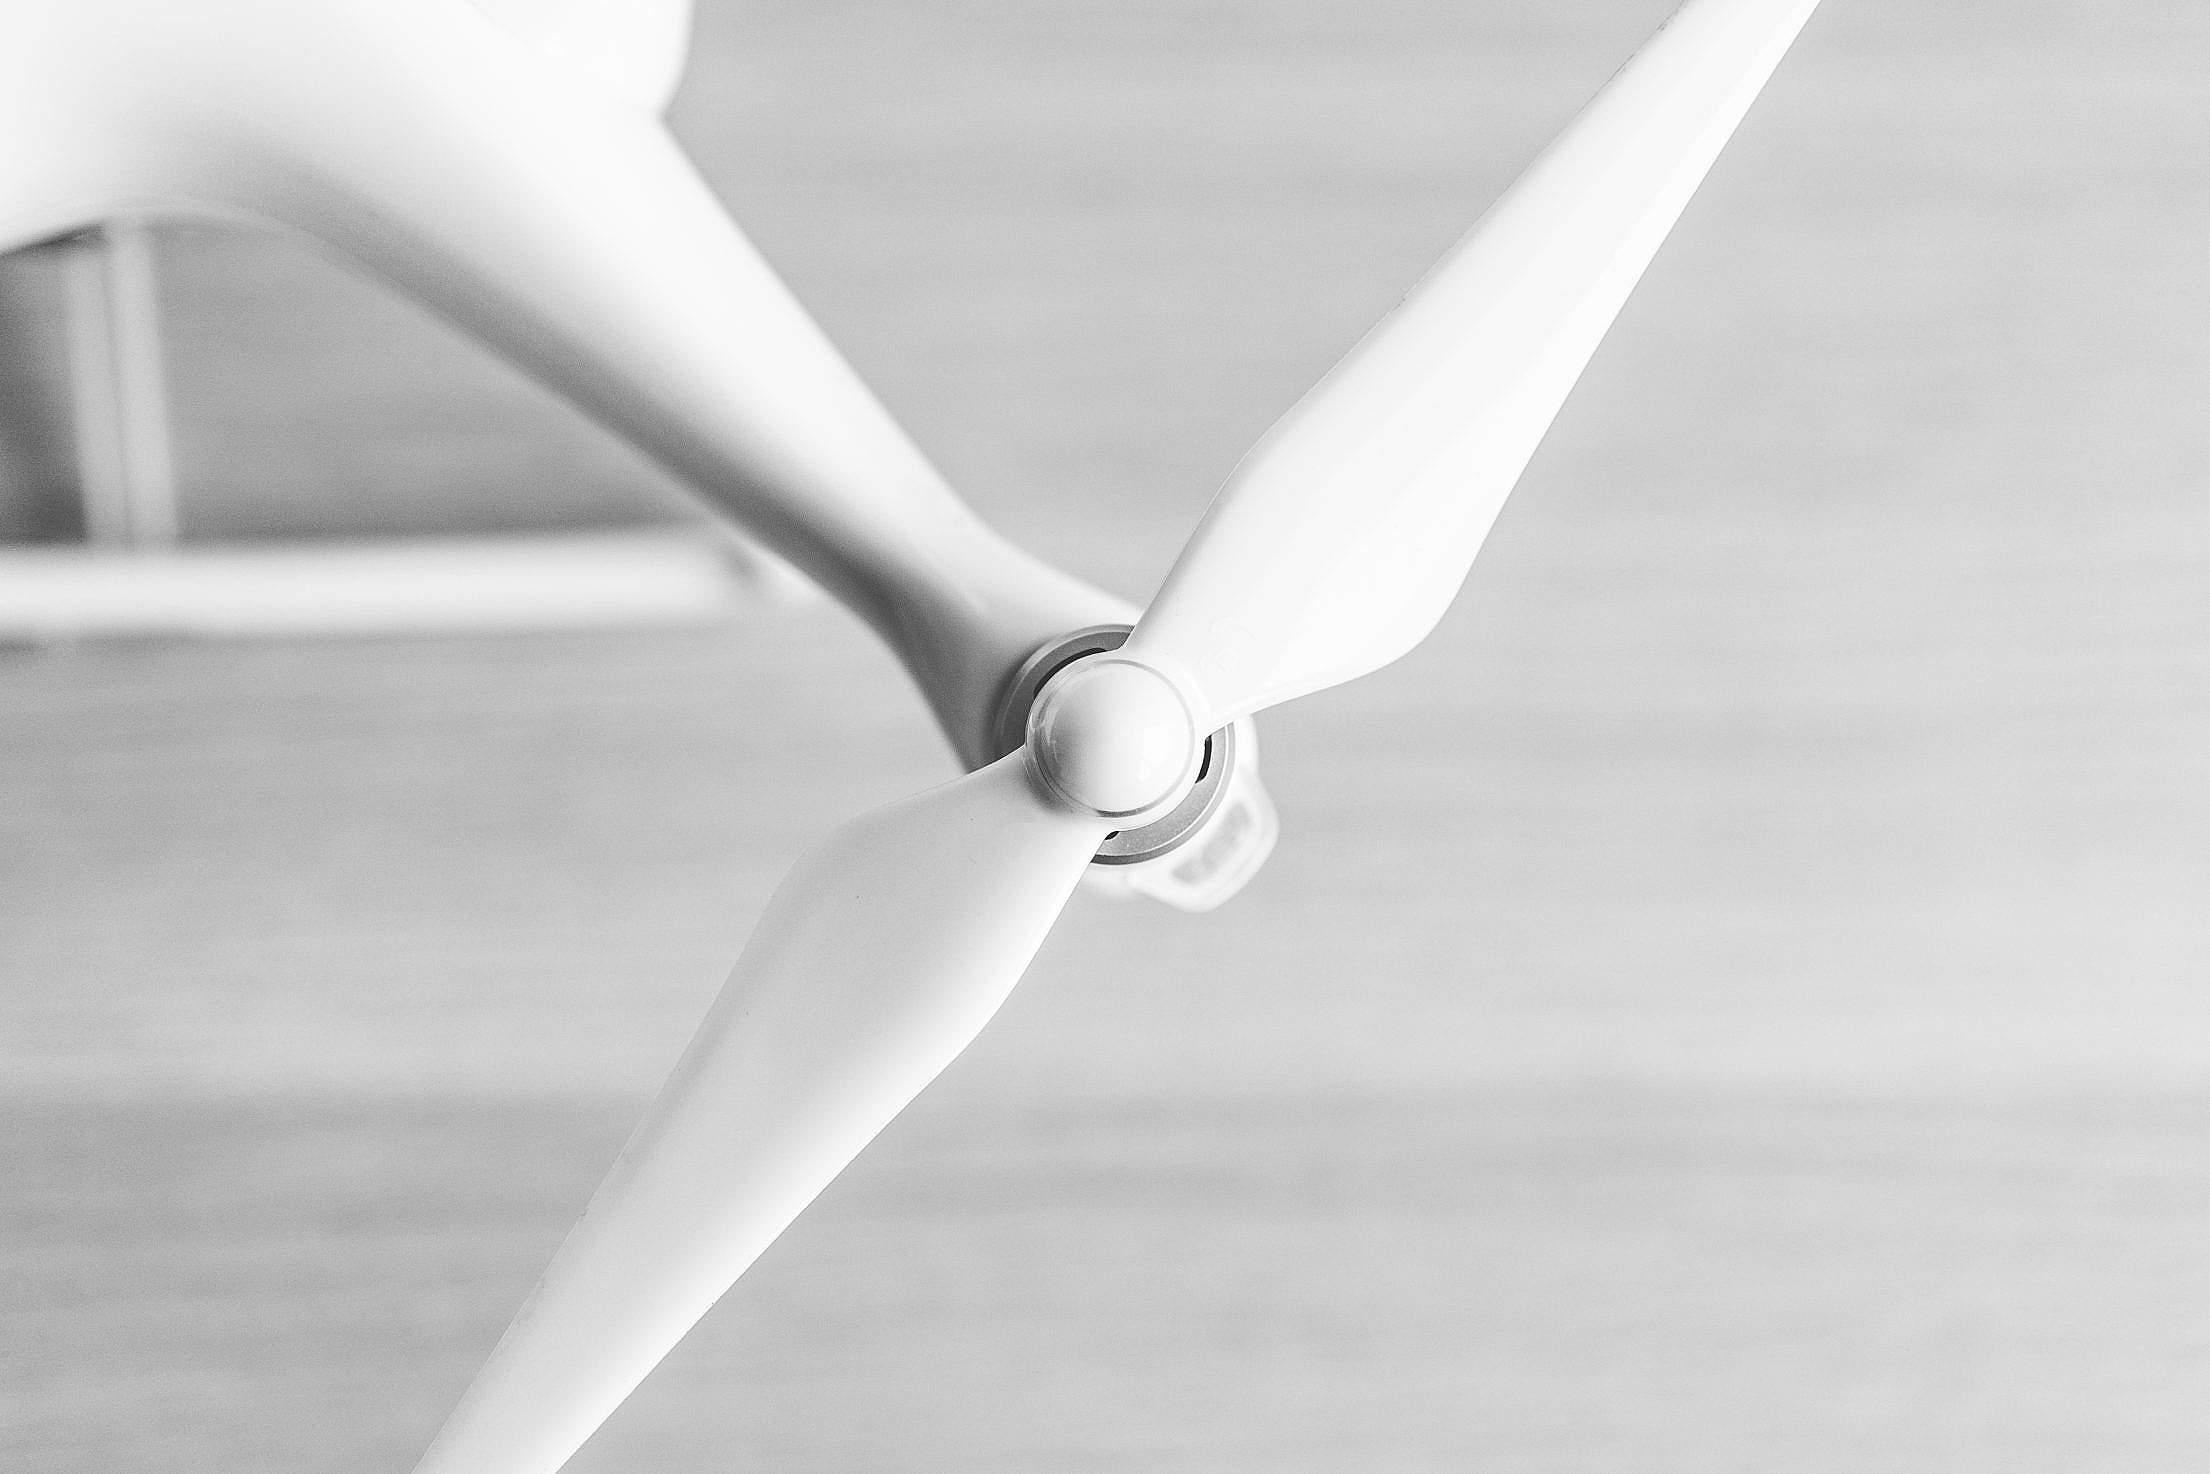 Drone UAV Quadcopter Propeller Close Up Free Stock Photo